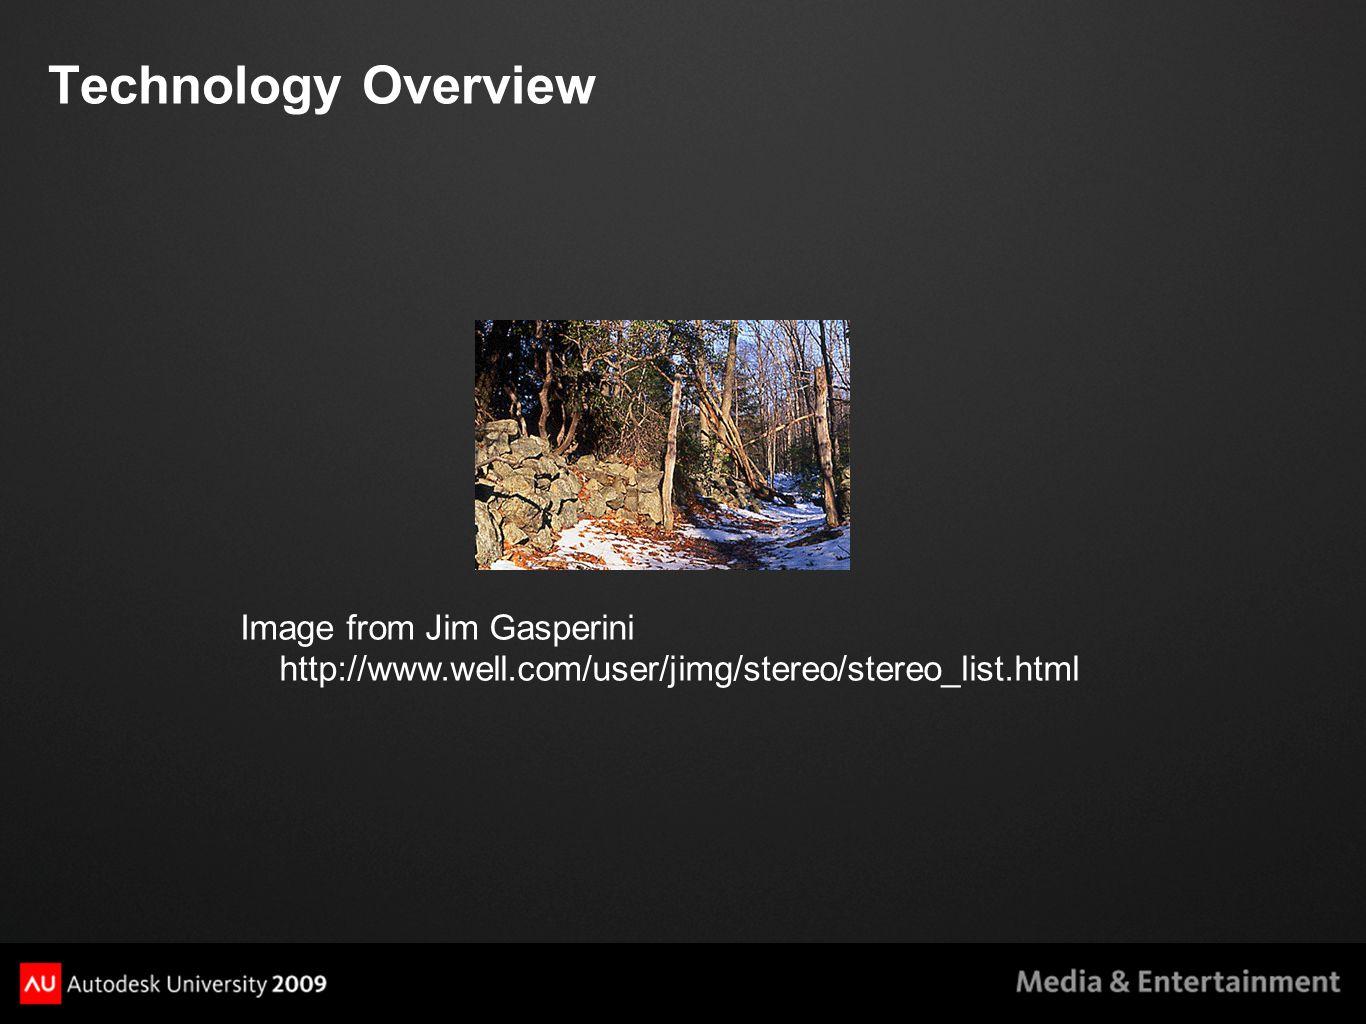 Image from Jim Gasperini http://www.well.com/user/jimg/stereo/stereo_list.html